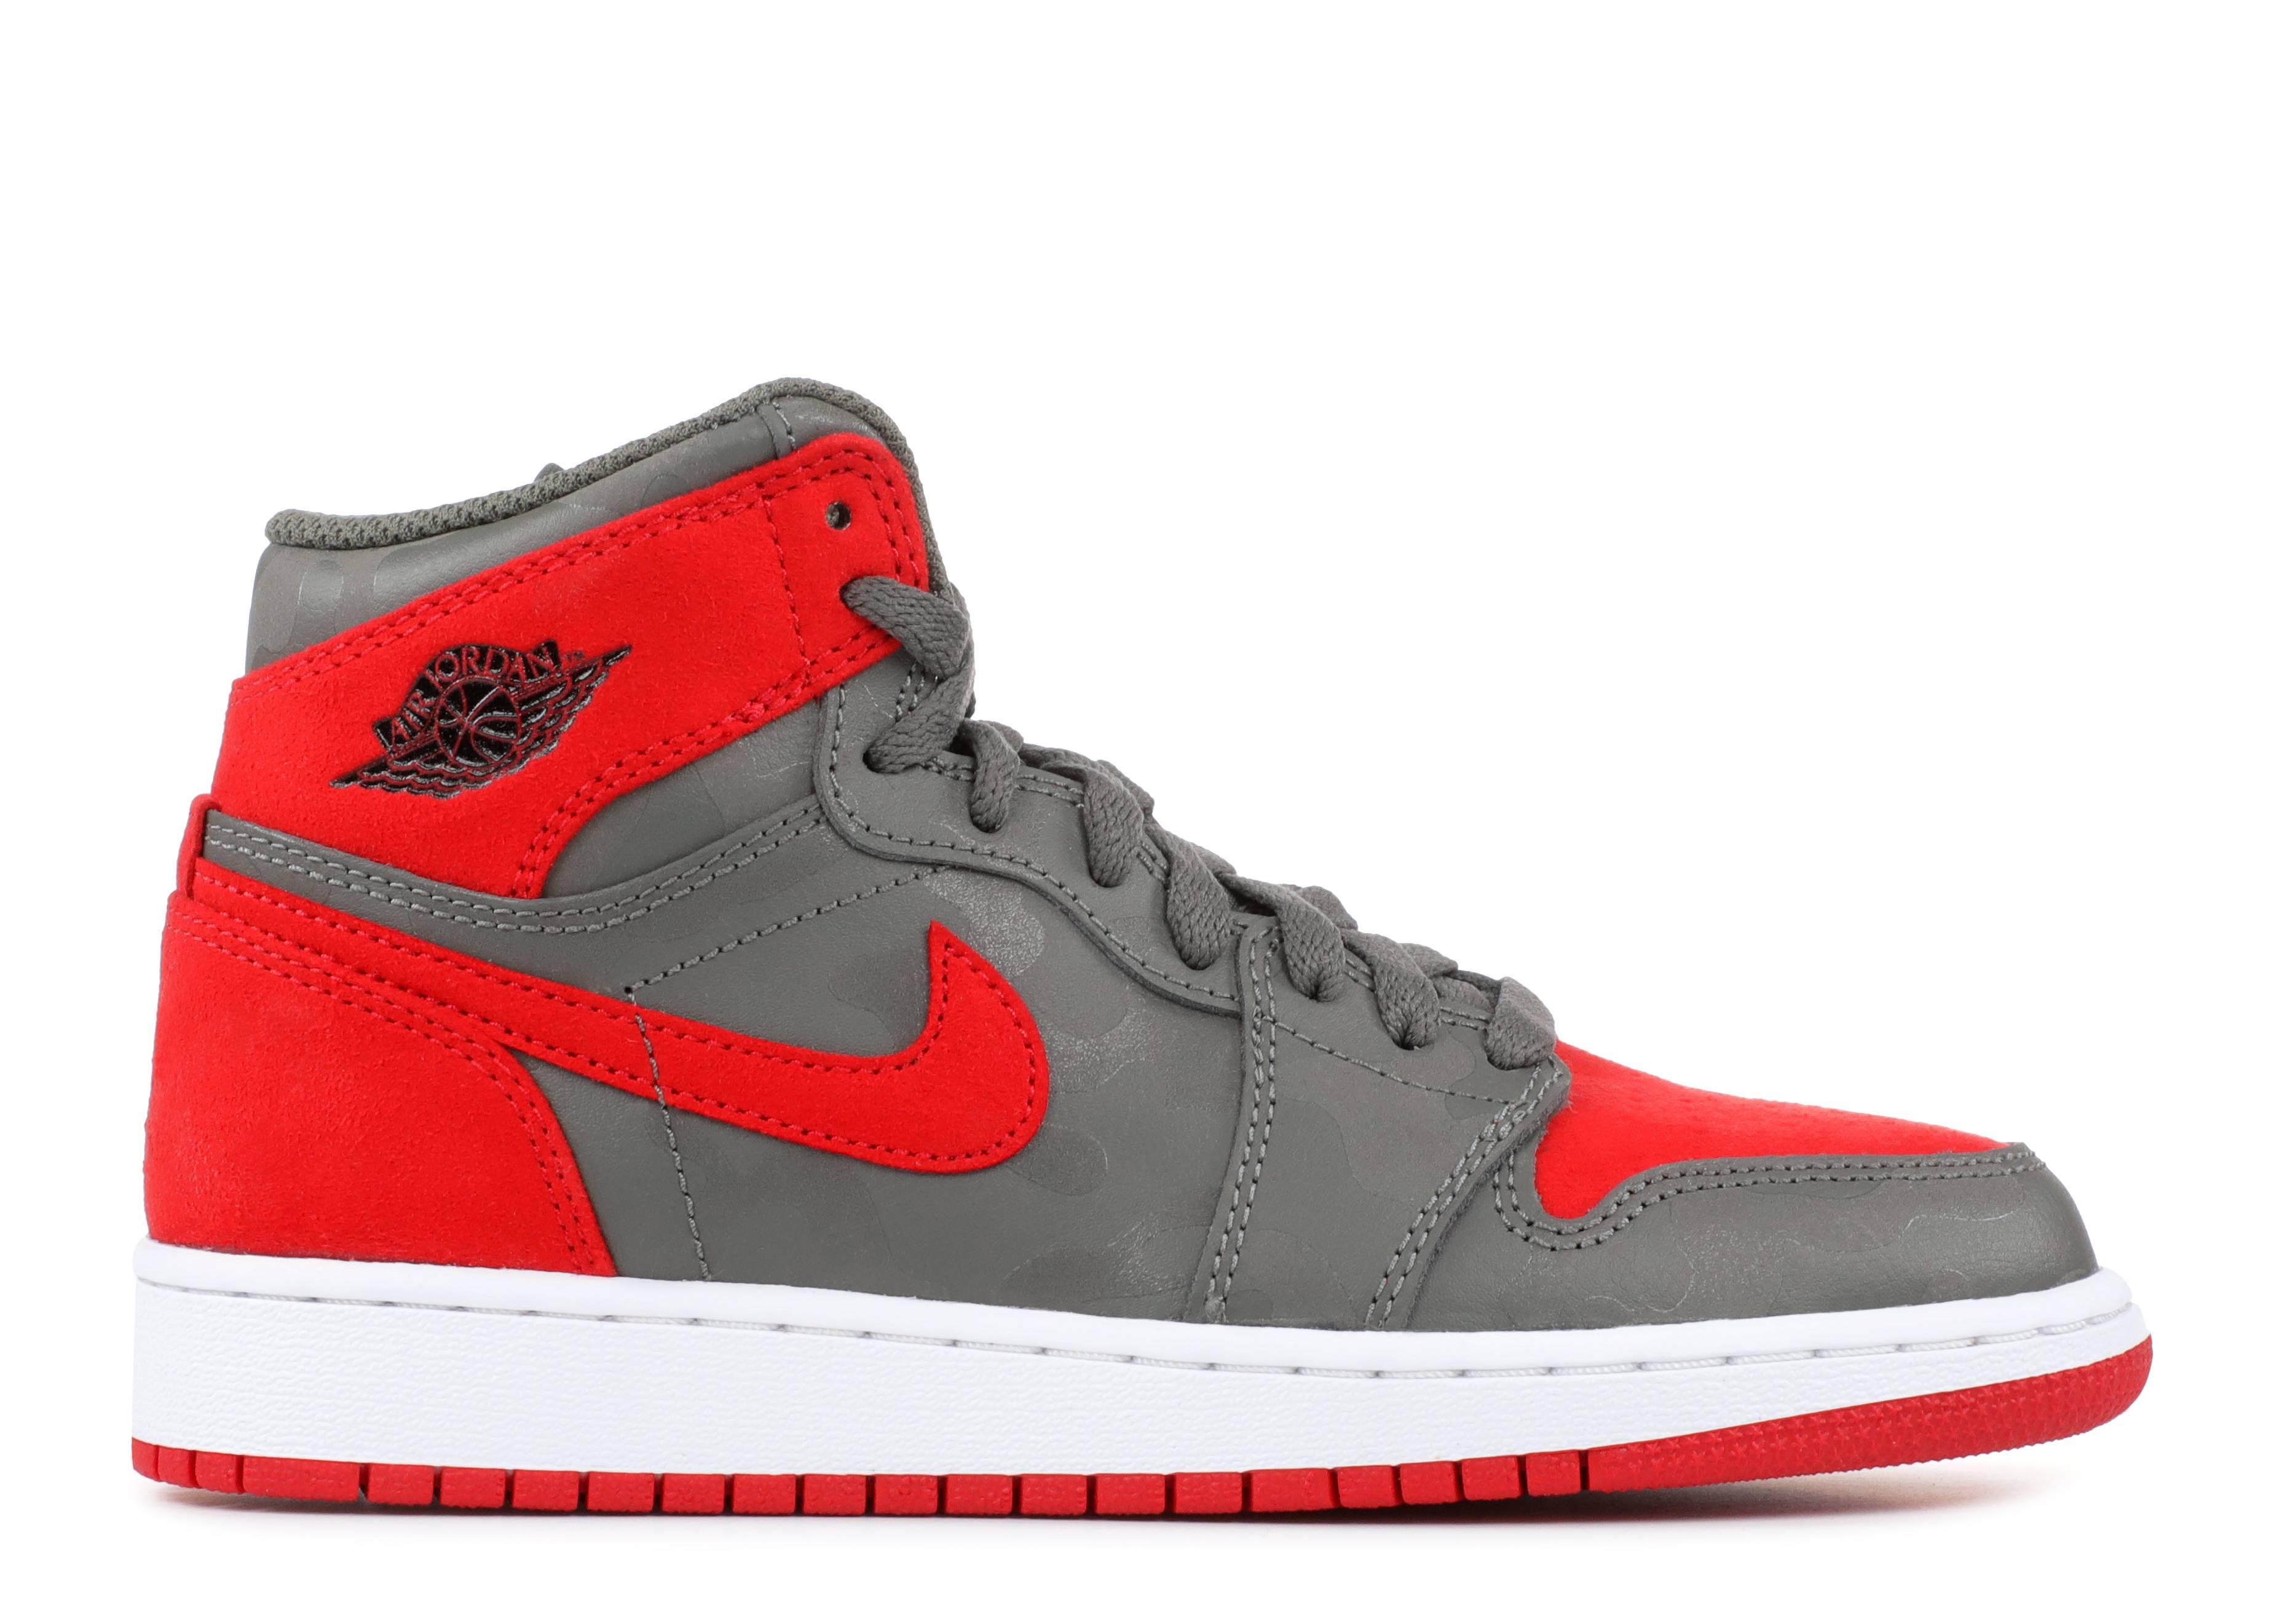 Air Jordan 1 Retro HI Prem BG